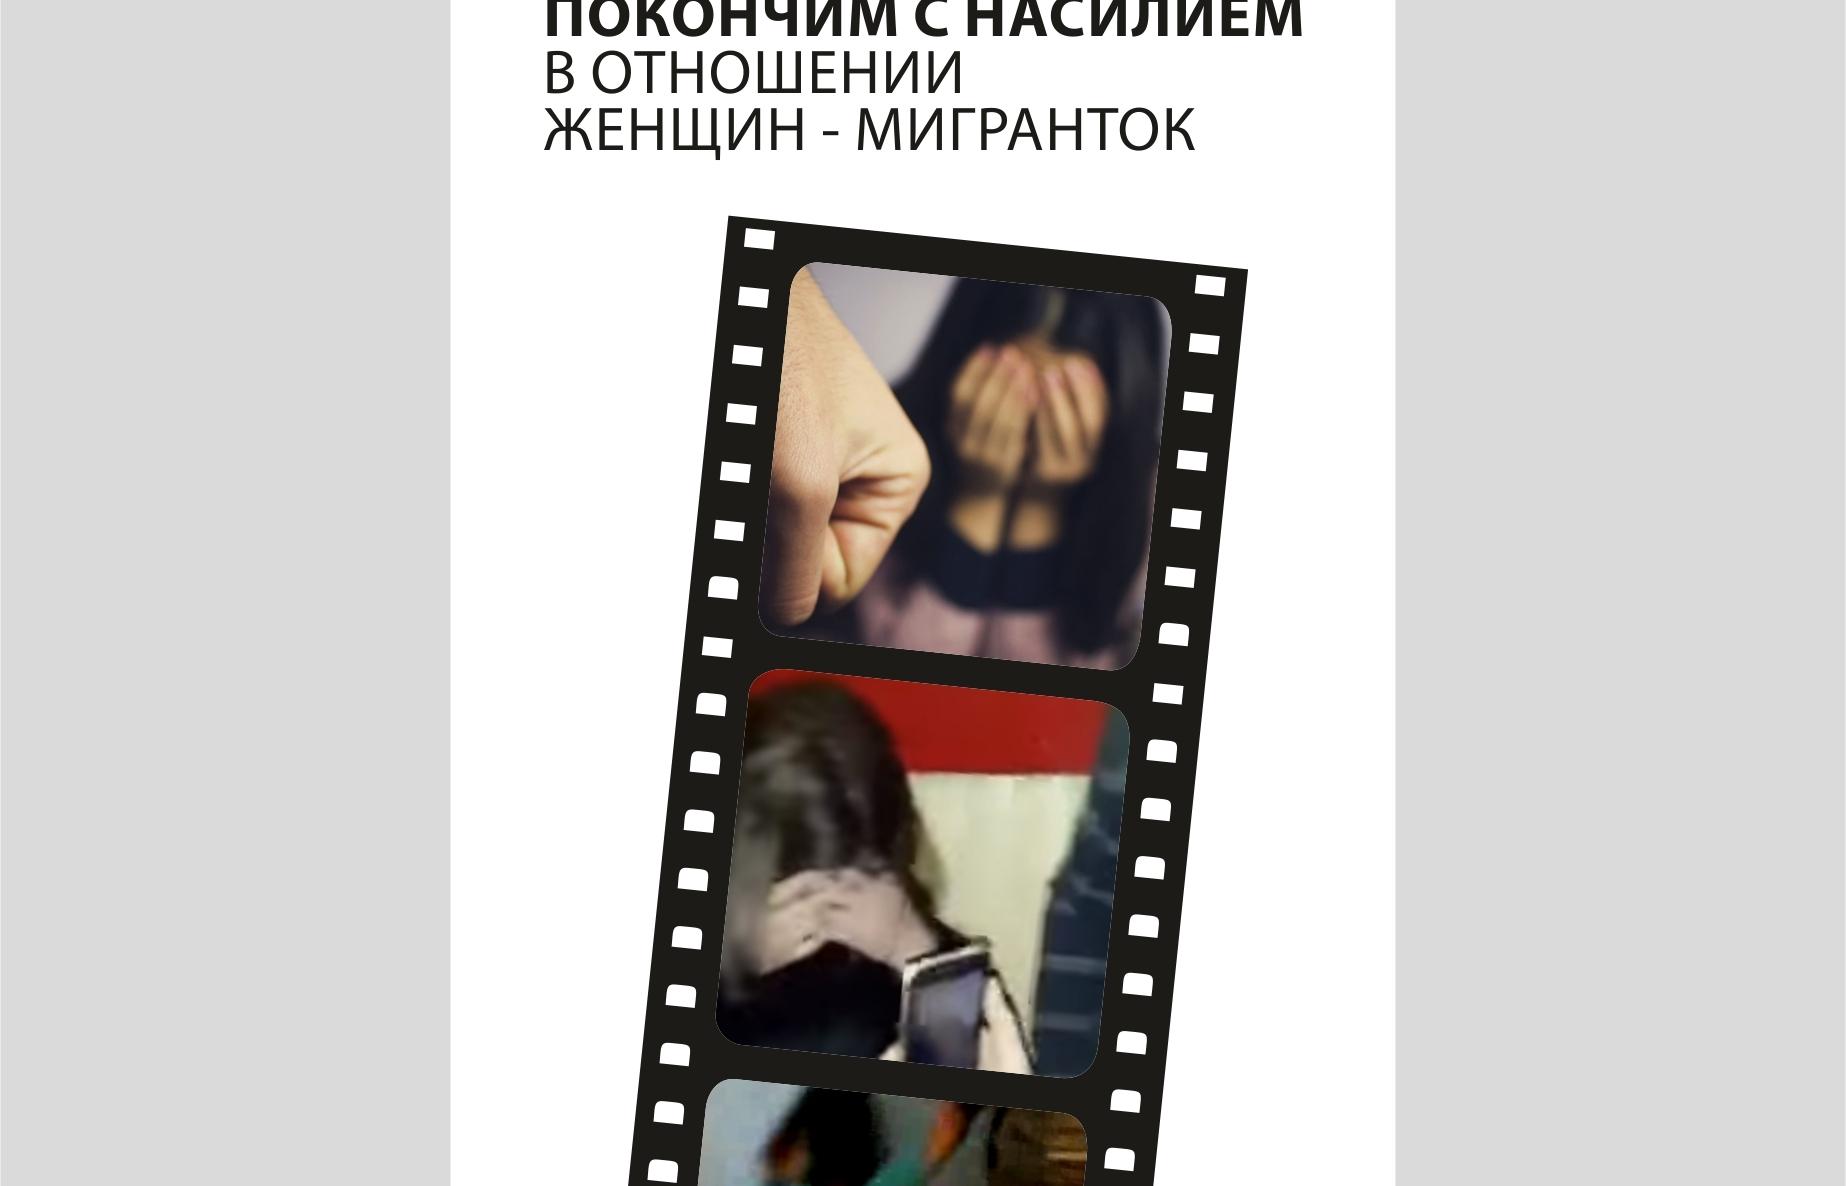 (Русский) Кыргызстан: 200 девочек из 10 школ города Ош примут участие в соревнованиях приуроченных к кампании по искоренению насилия в отношении женщин